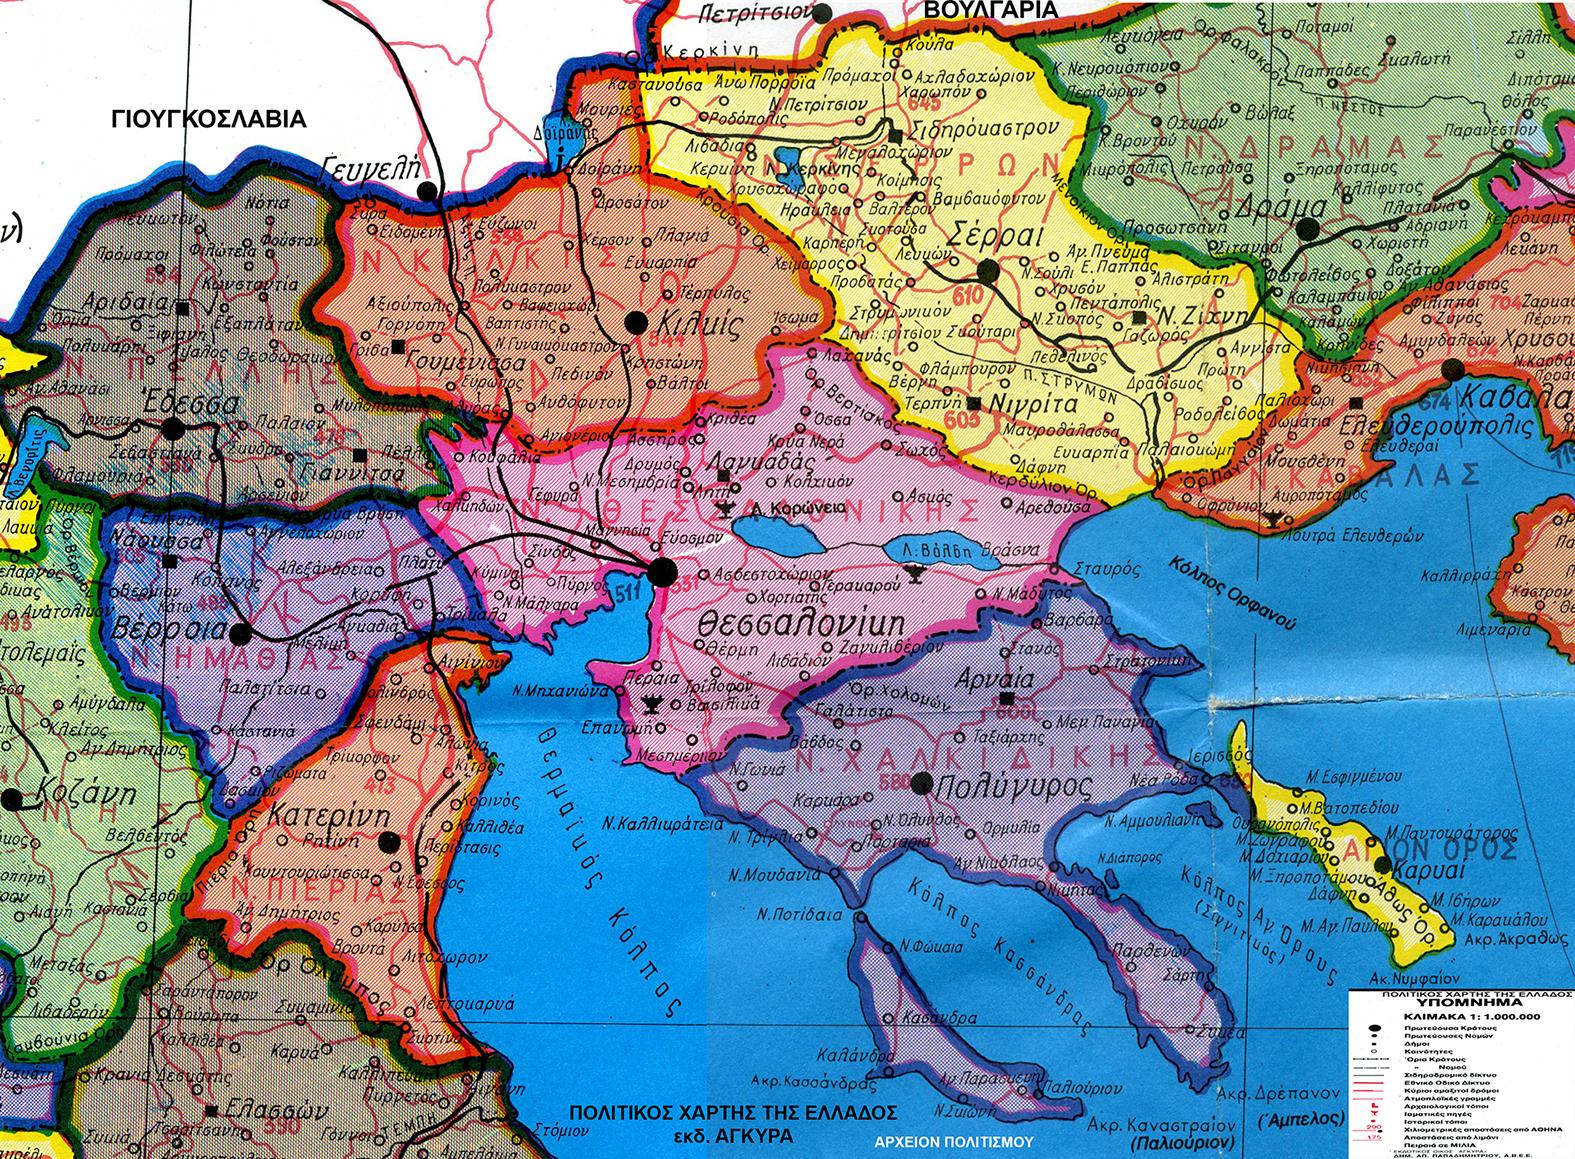 Palaios Politikos Xarths Ths Kentrikhs Makedonias Arxeion Politismoy